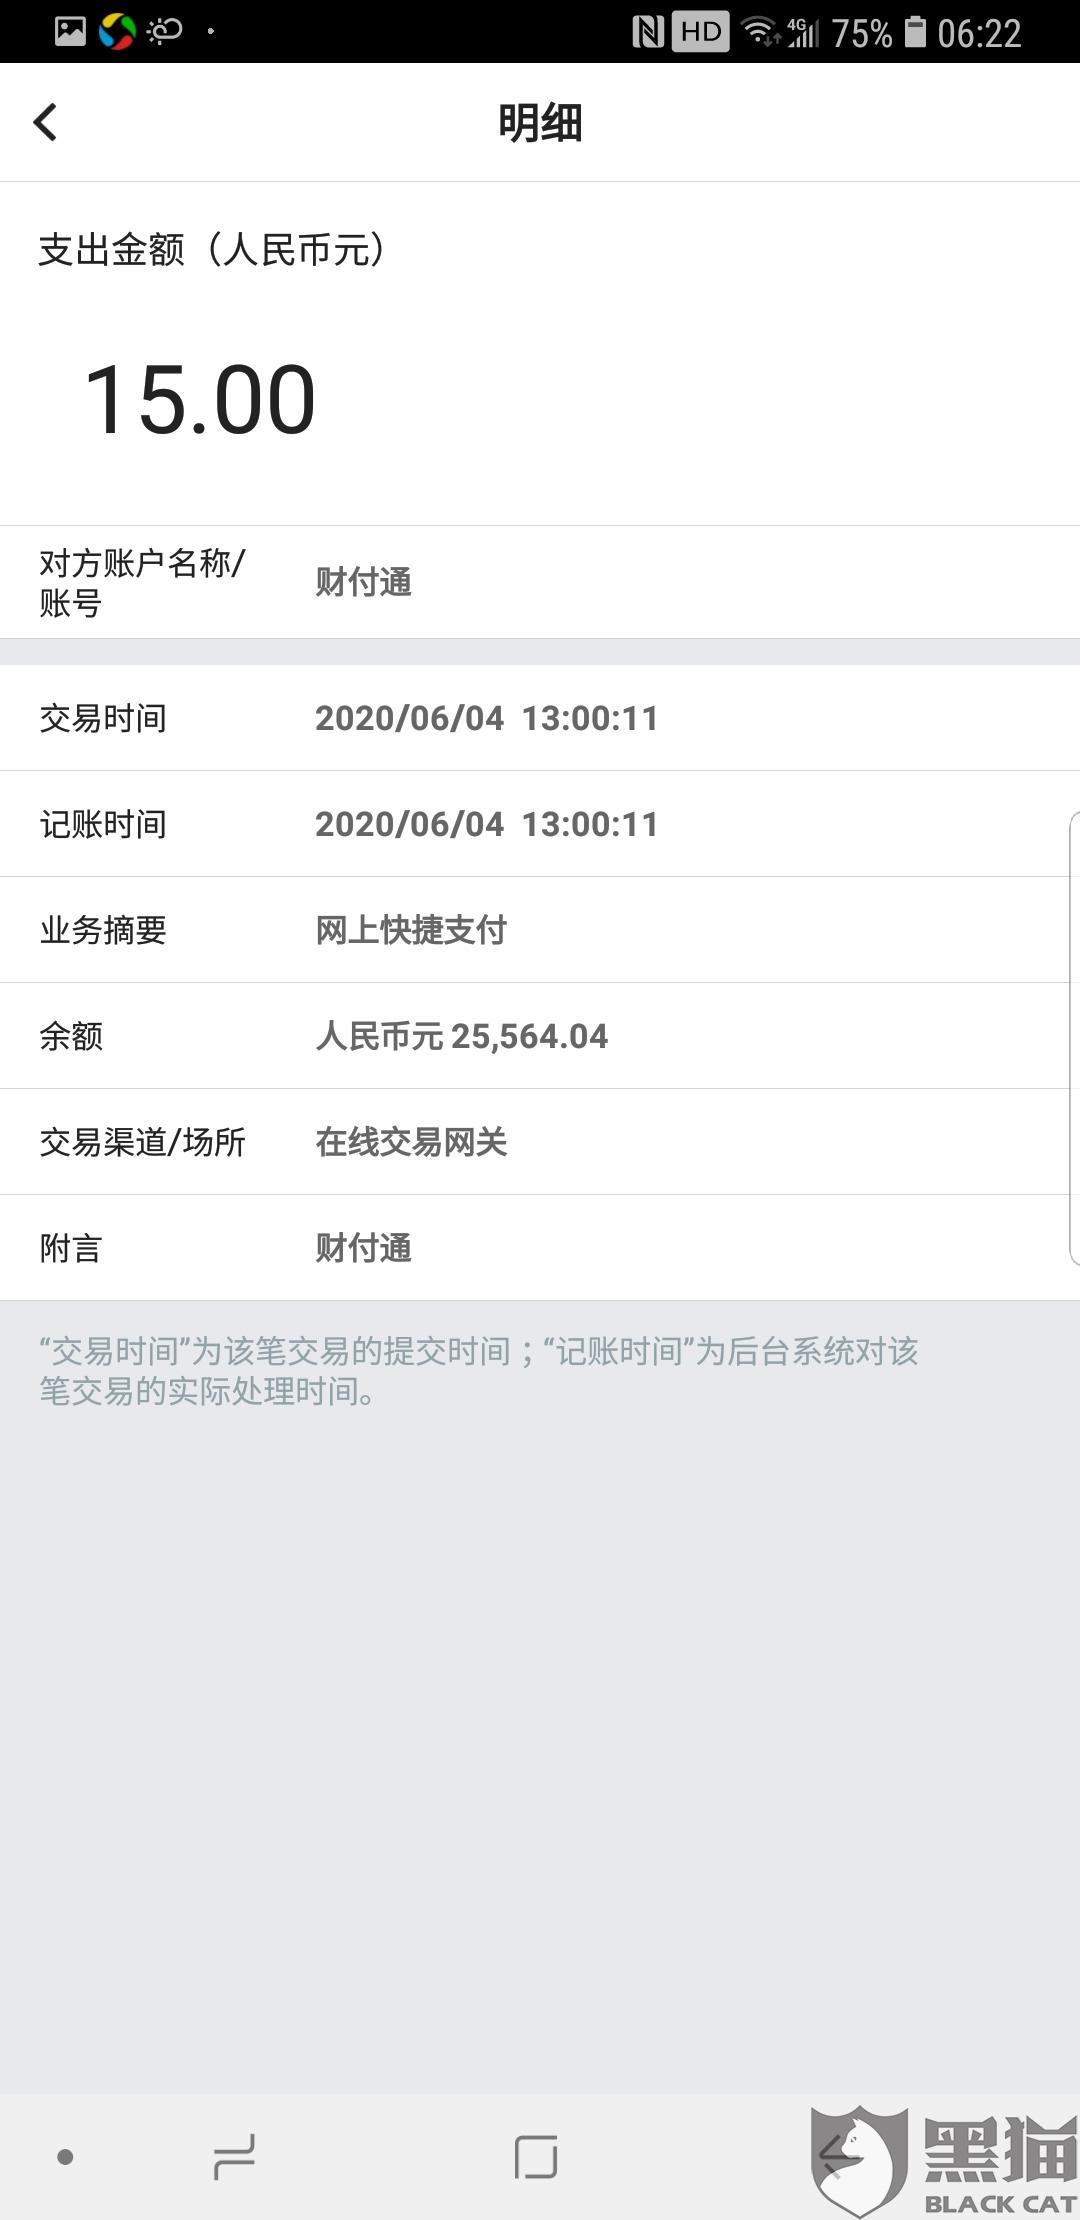 黑猫投诉:财付通-快看世界北京科技有限公司